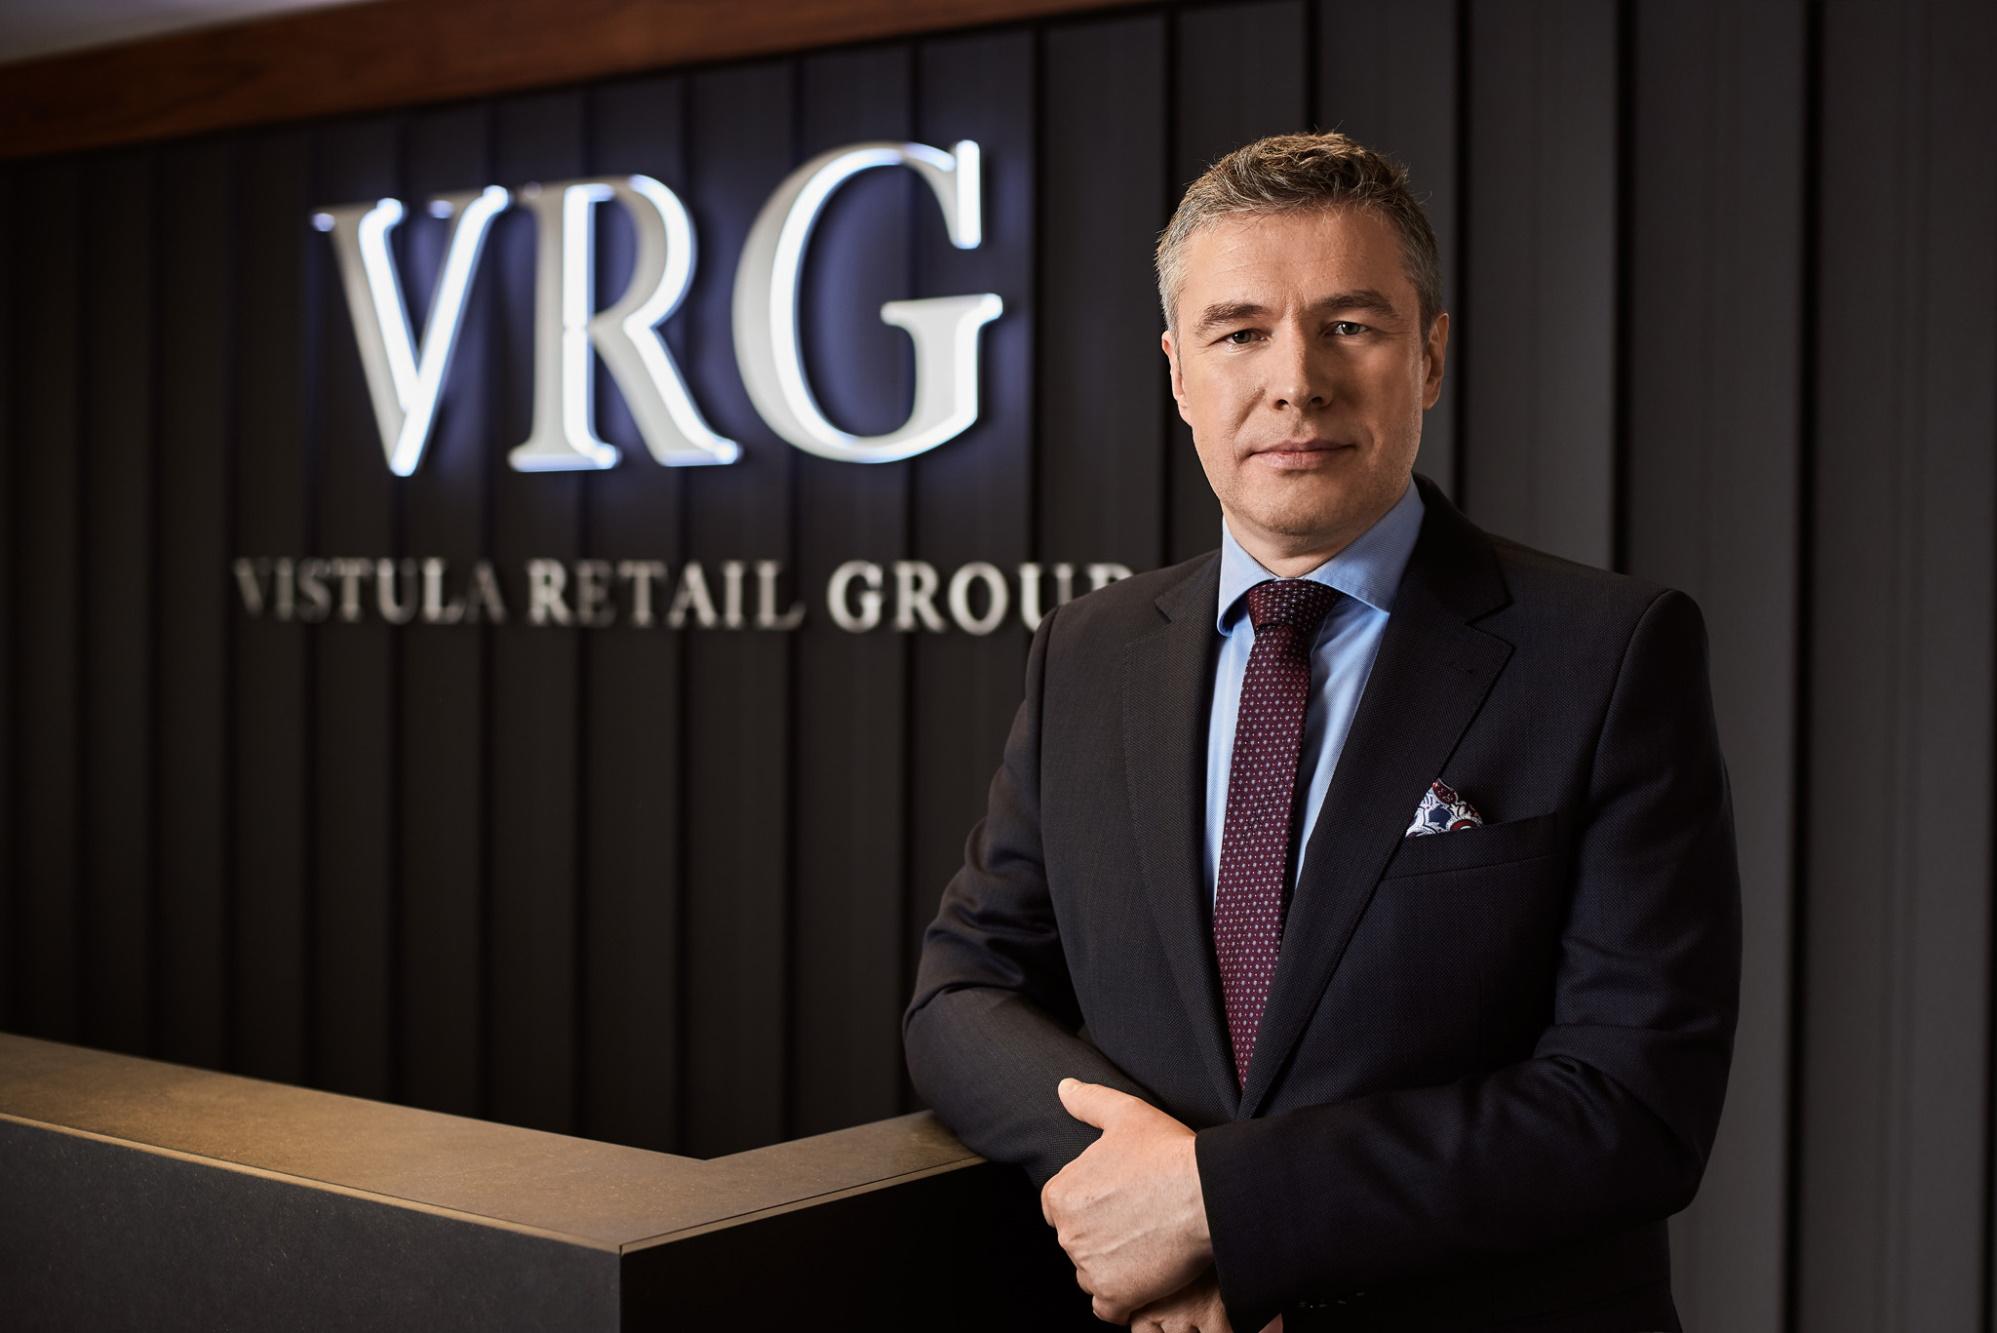 Michał Zimnicki, wiceprezes VRG odpowiedzialny za finanse, IT, logistykę, HR i administrację